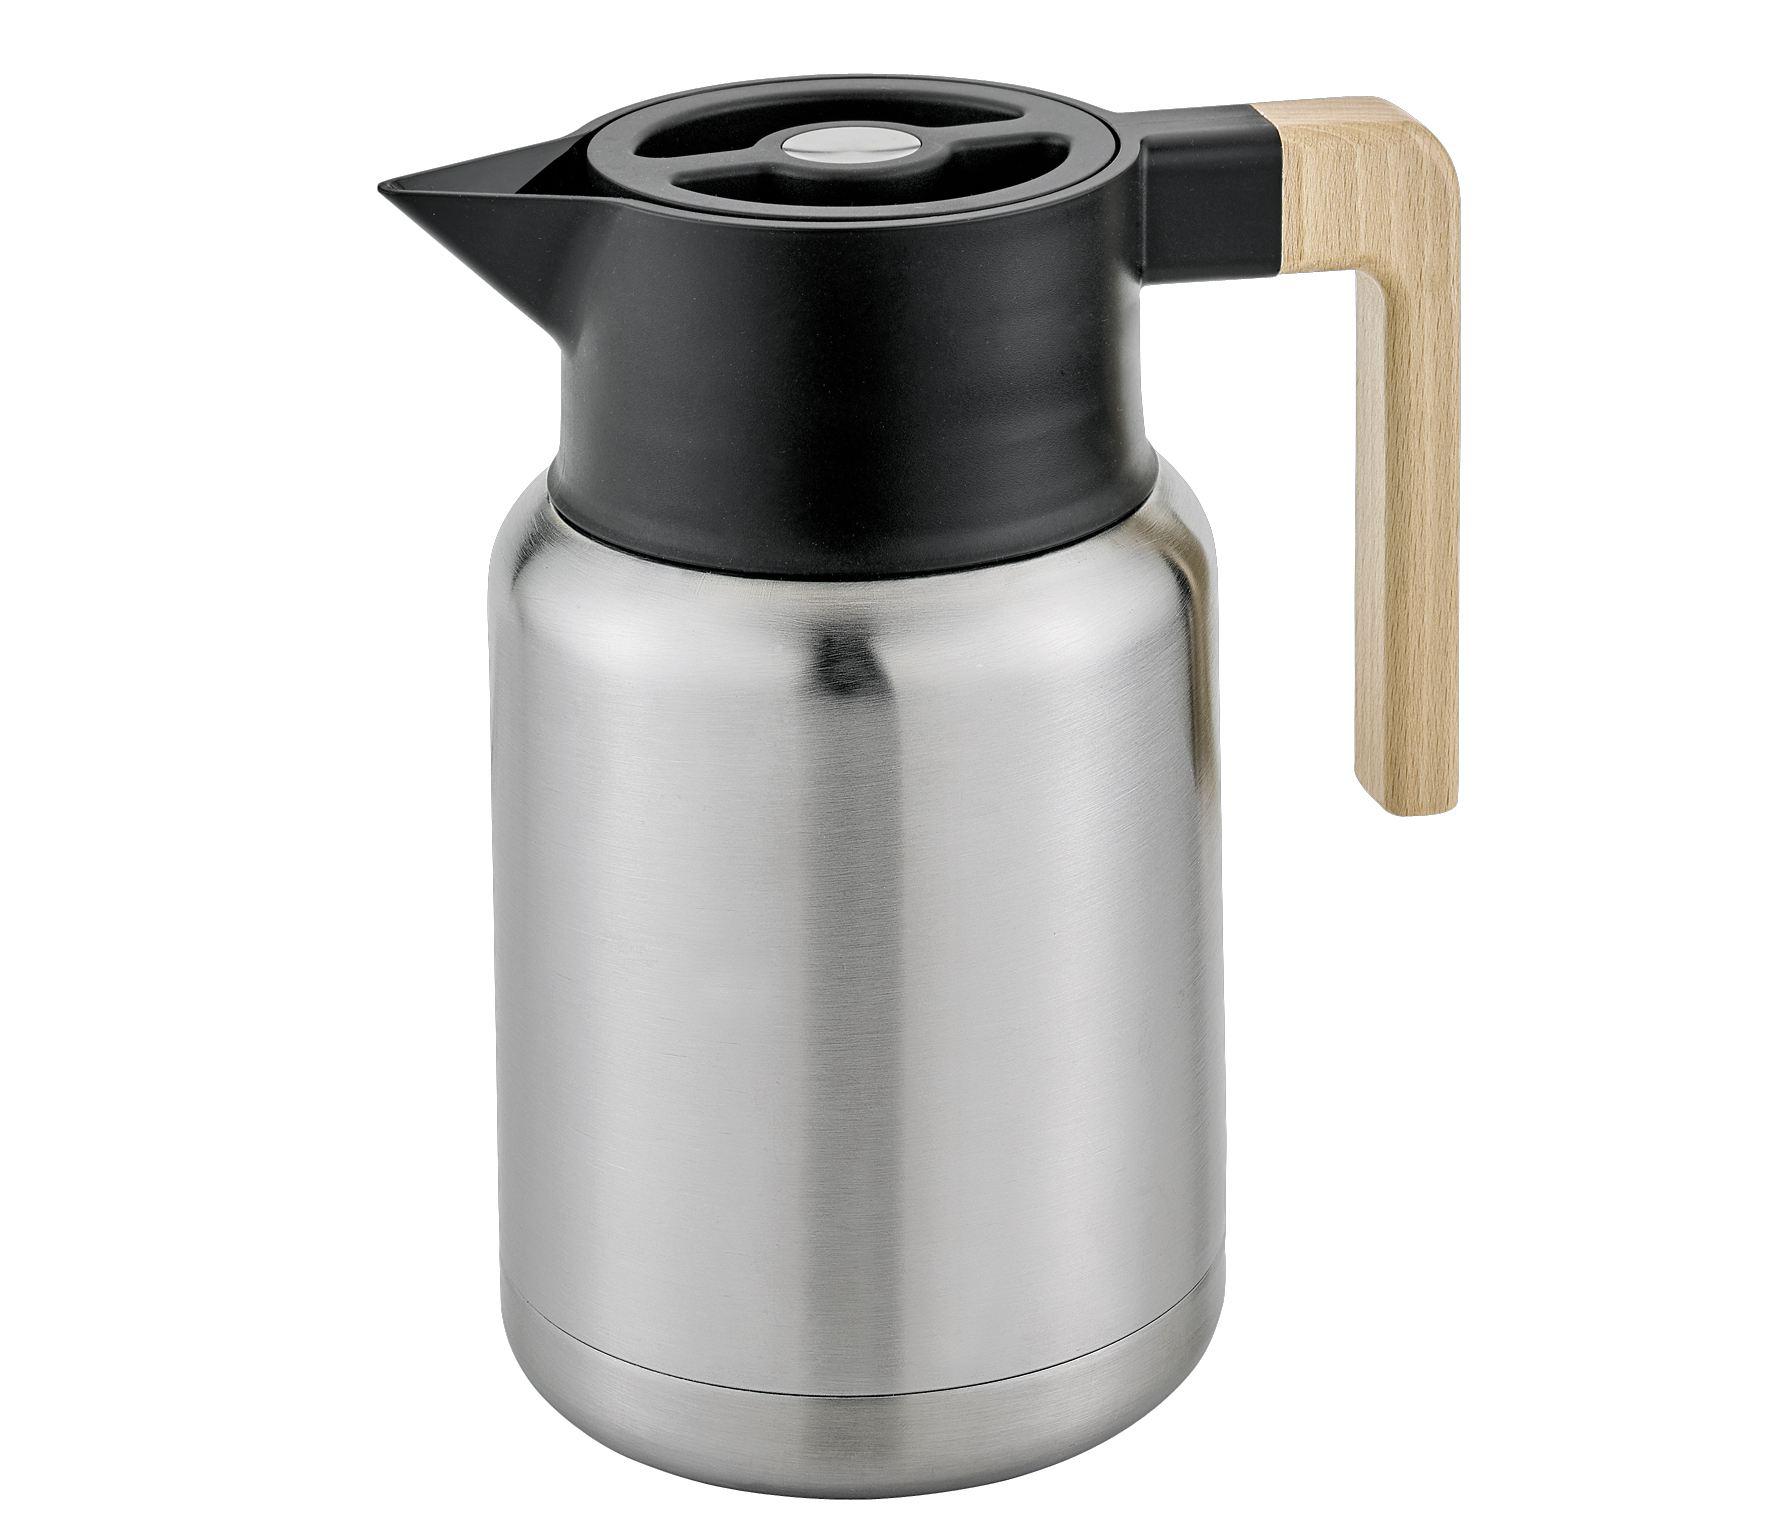 isolierkanne style 1 2 liter edelstahl thermoskanne teekanne kanne kaffeekanne edelstahlkanne. Black Bedroom Furniture Sets. Home Design Ideas